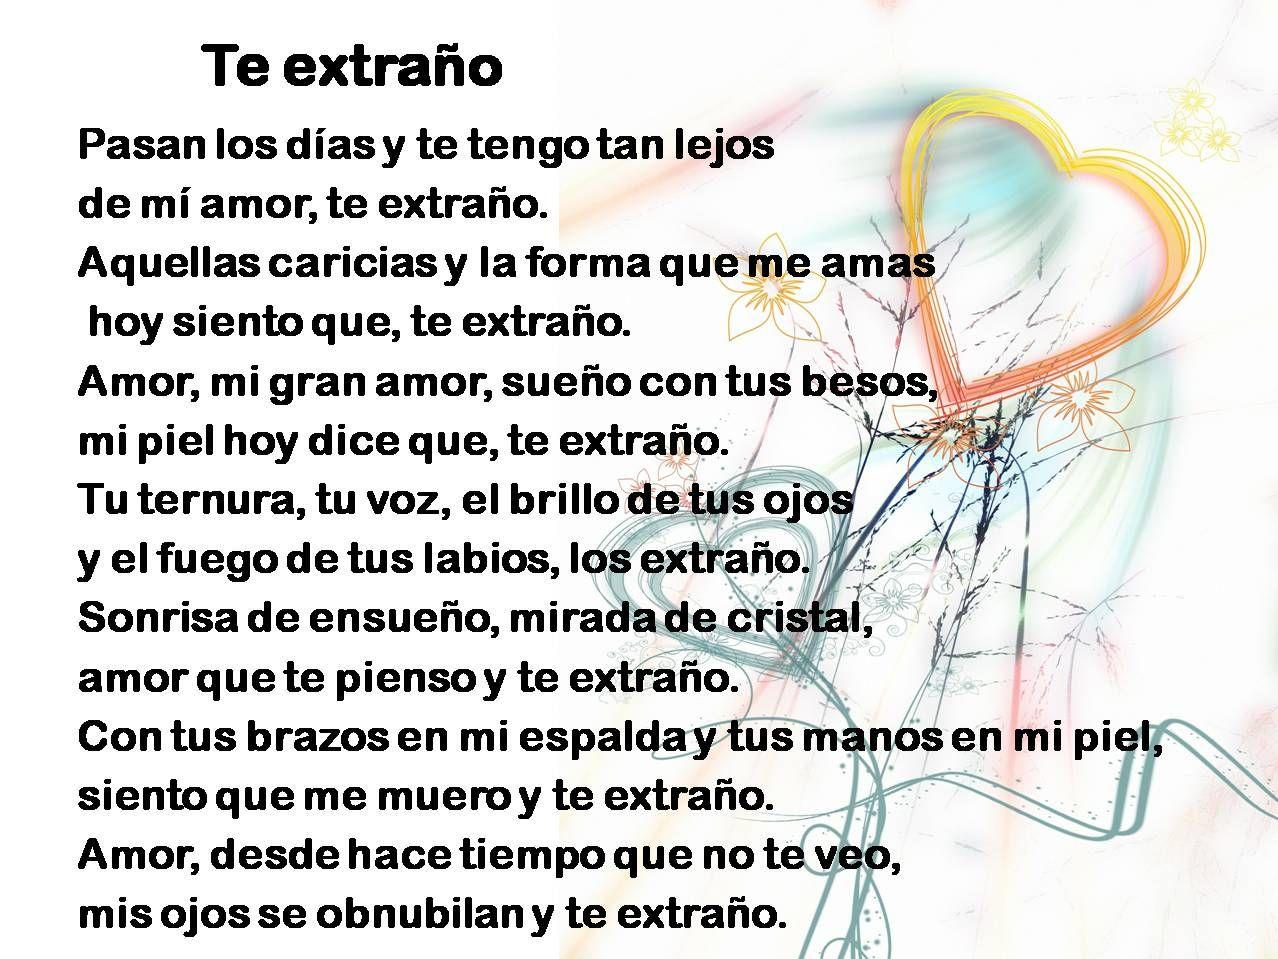 Pensamientos de Amor - Página 6 Ed87ece9f83d4015ea7a6d6583473857